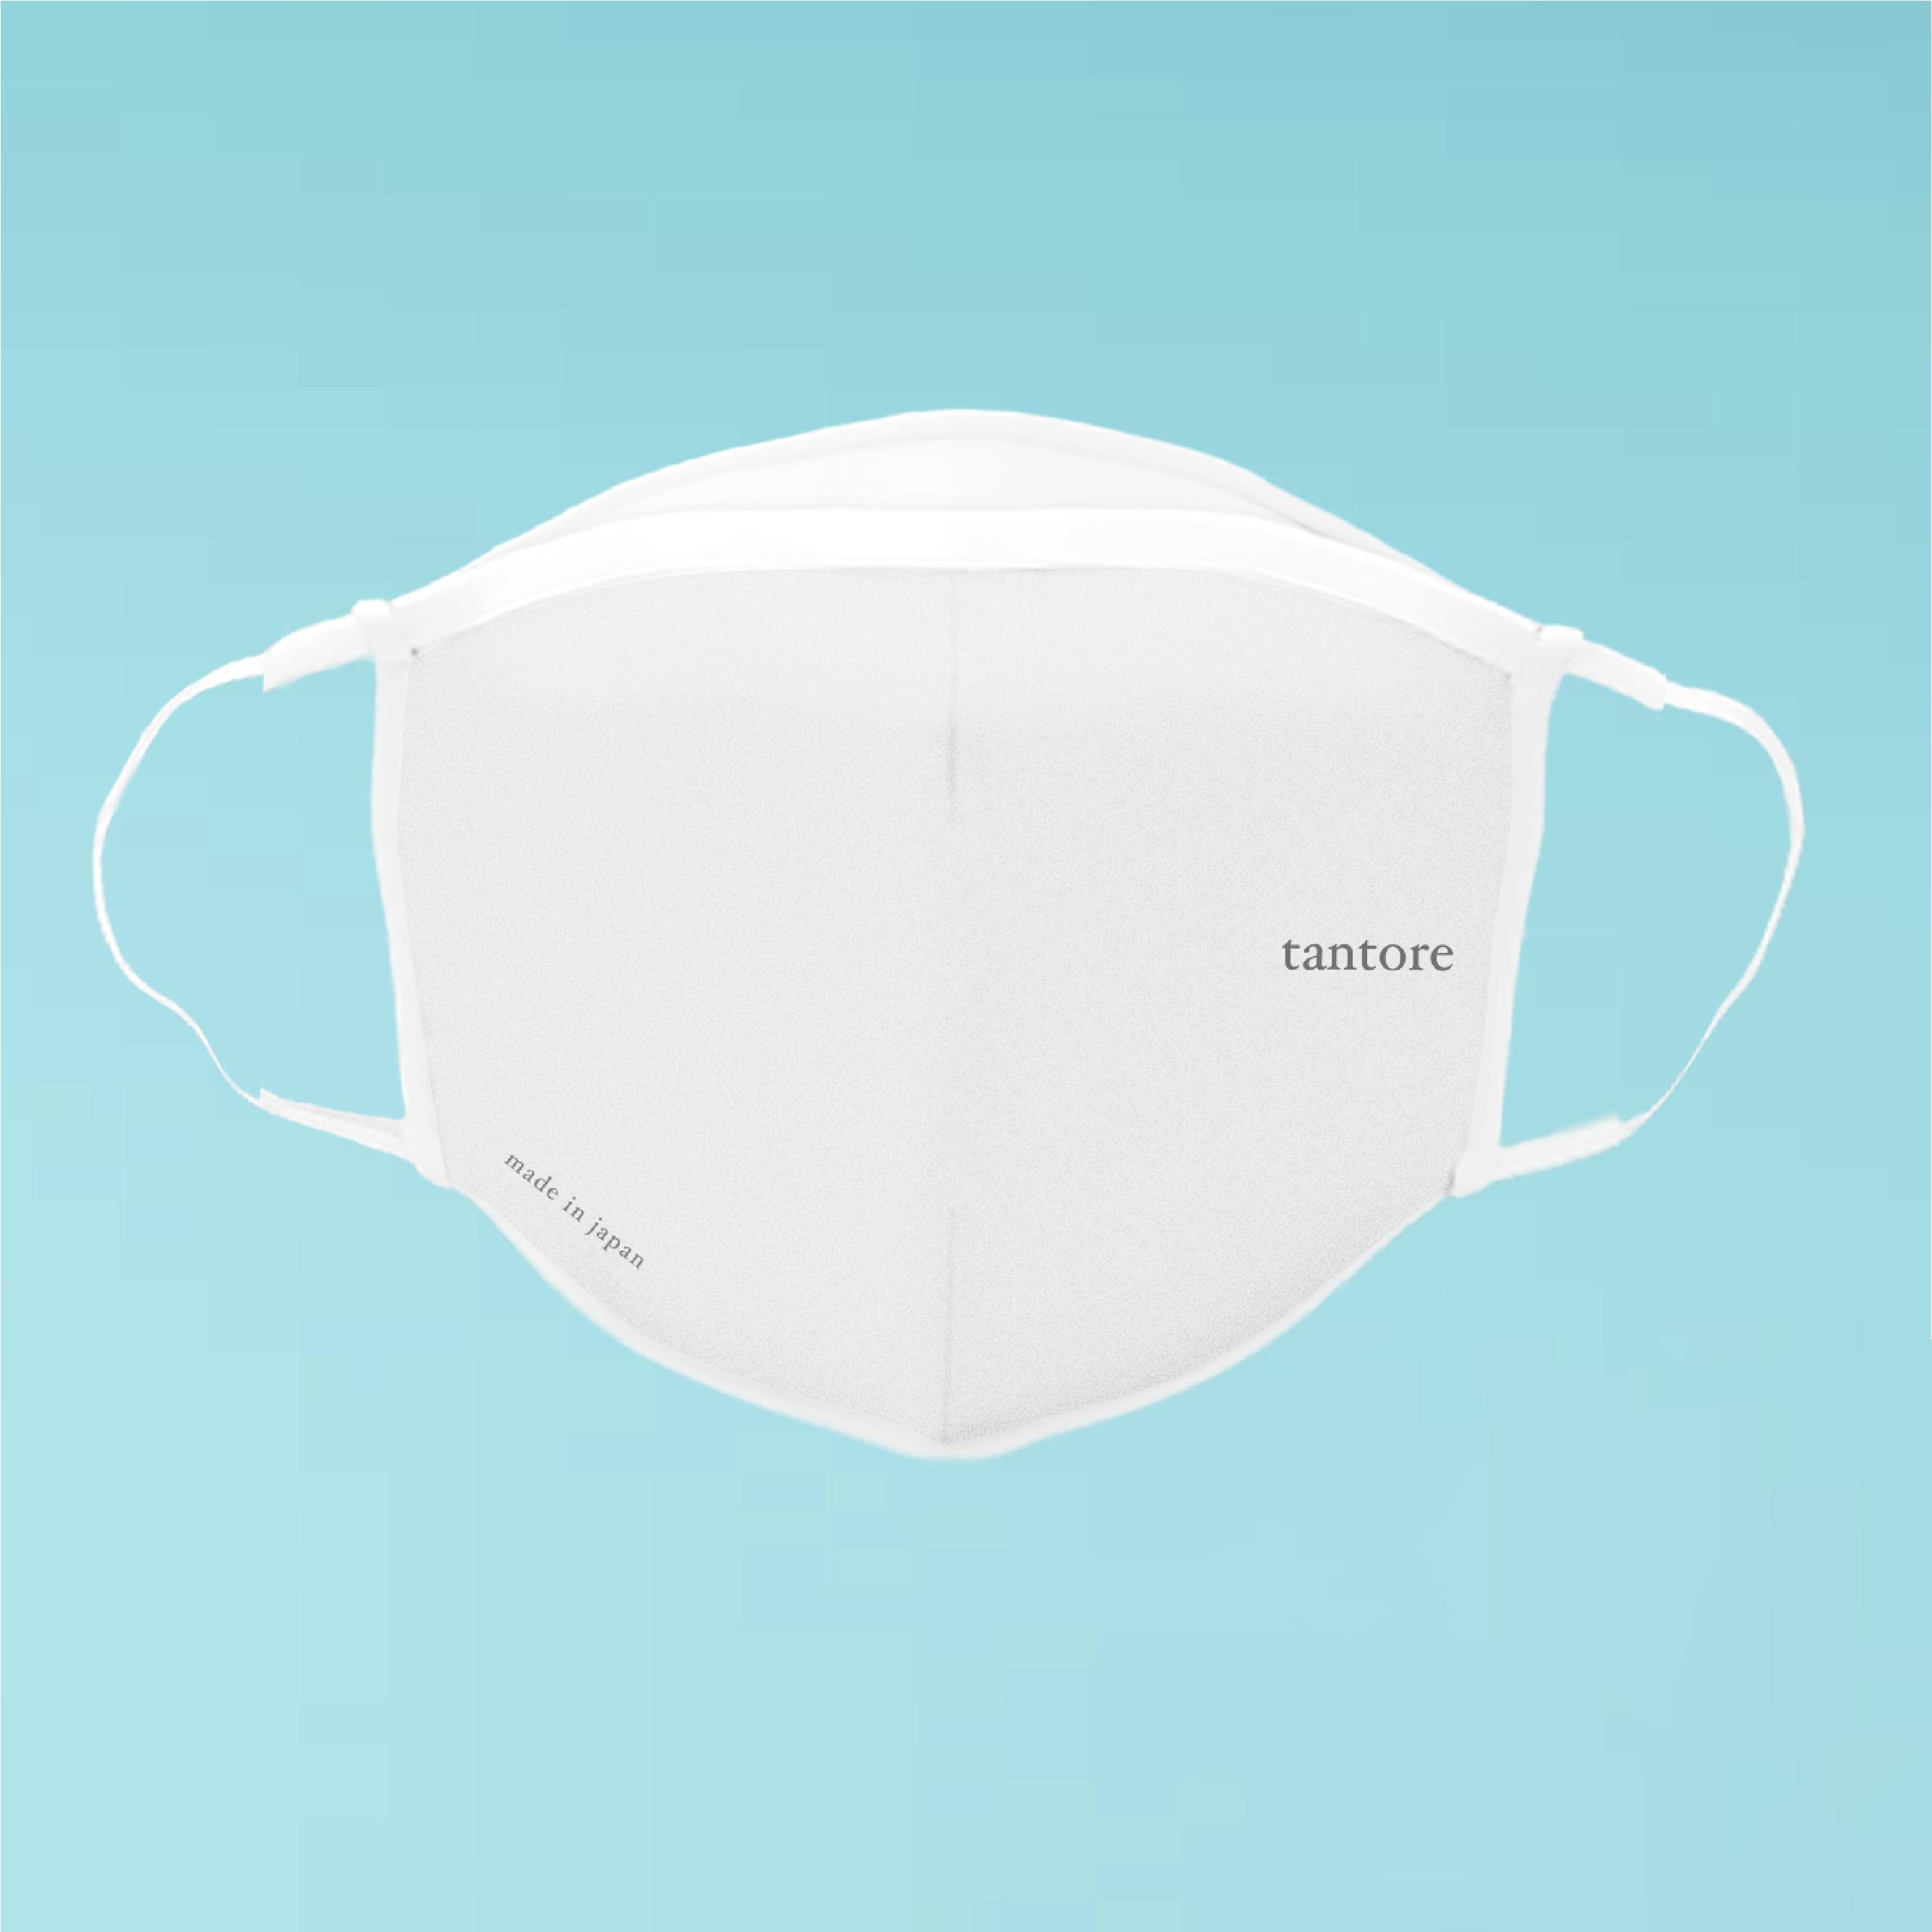 【限定販売 5/10~発送予定】 tantore備蓄高性能マスク プリントロゴver.